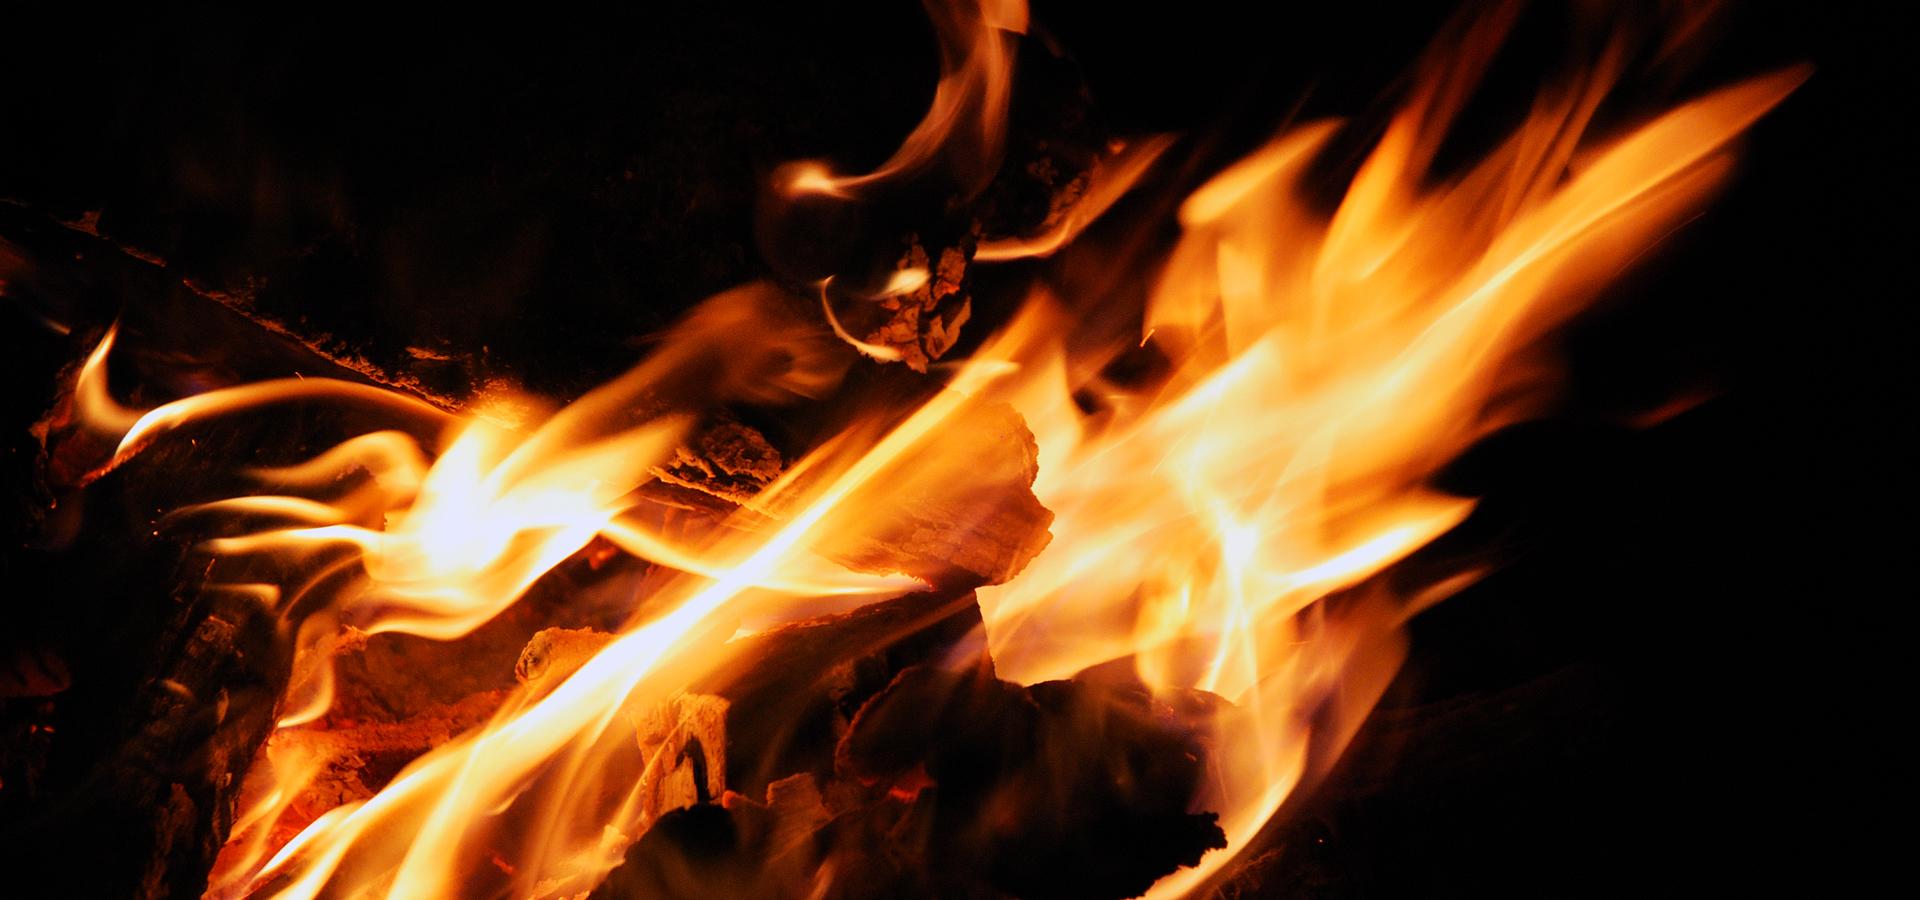 Loa á noite meiga (San Xoán) — Omnivoraz